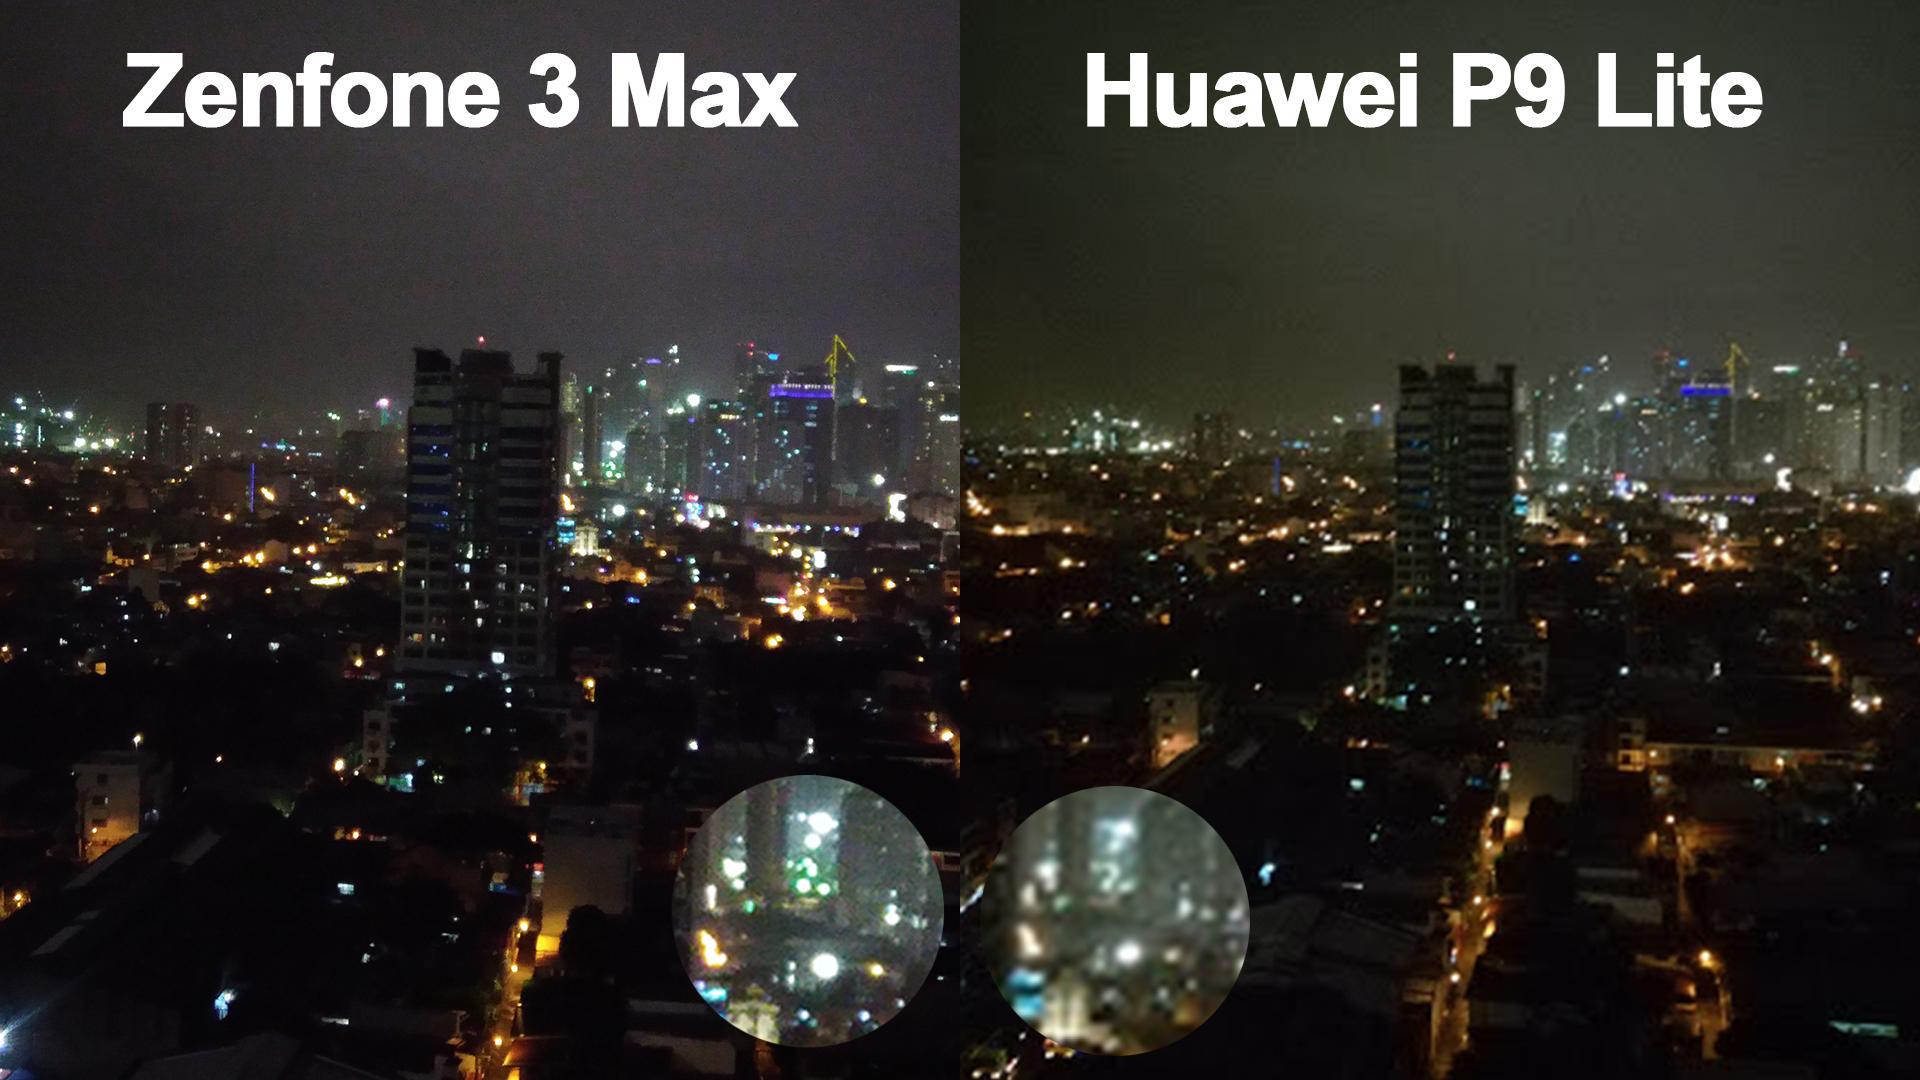 huawei p9 lite фото с камеры